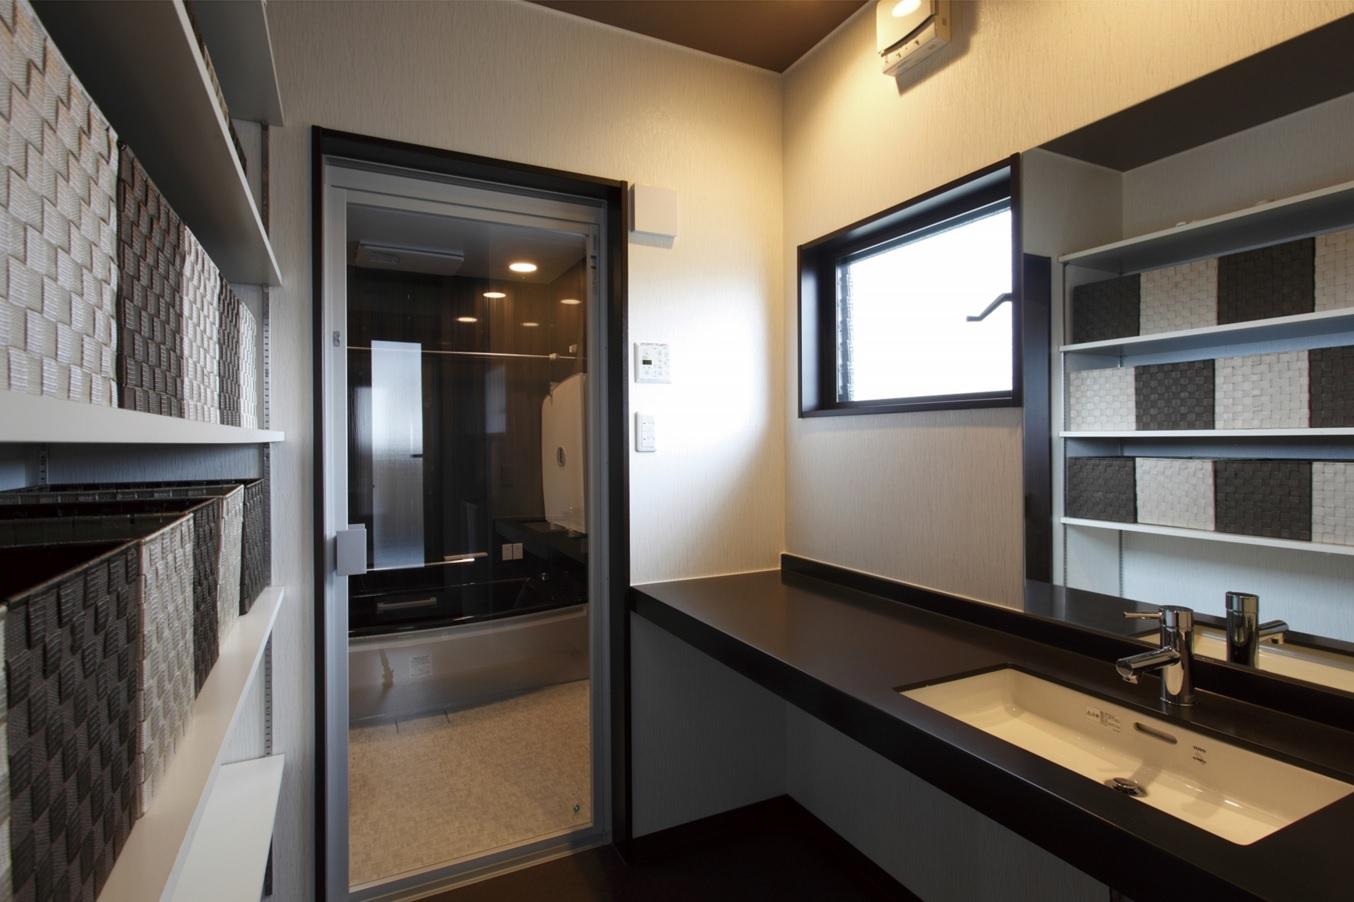 サニタリー&浴室はホテルのようなゆったりとした空間。豊富な収納が空間をすっきり演出